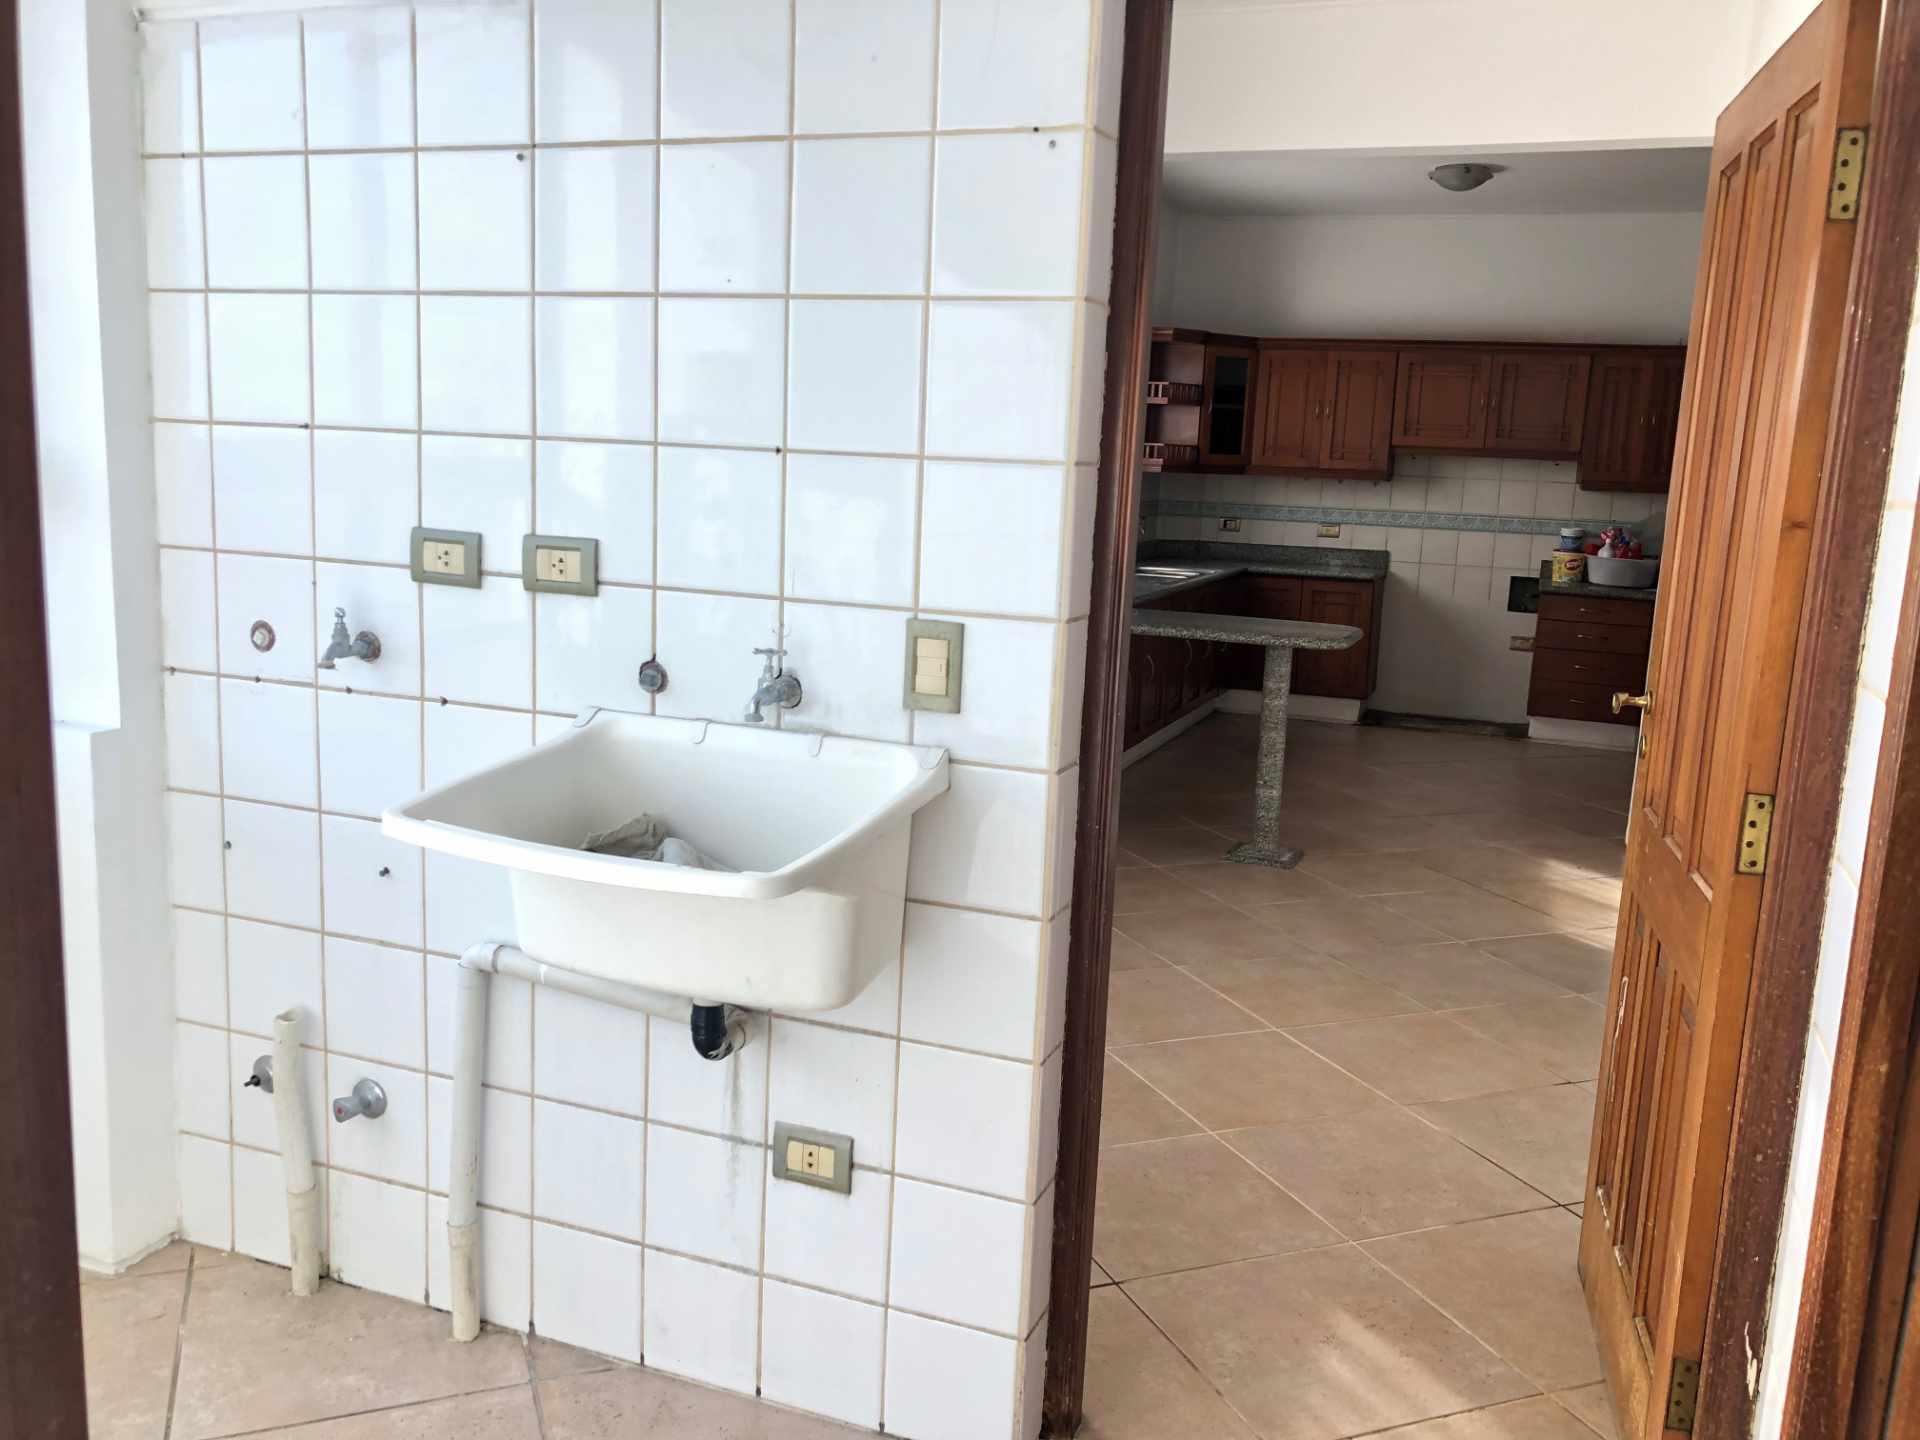 Departamento en Venta EN VENTA ZONA CENTRO Calle Tarija 73 Foto 21